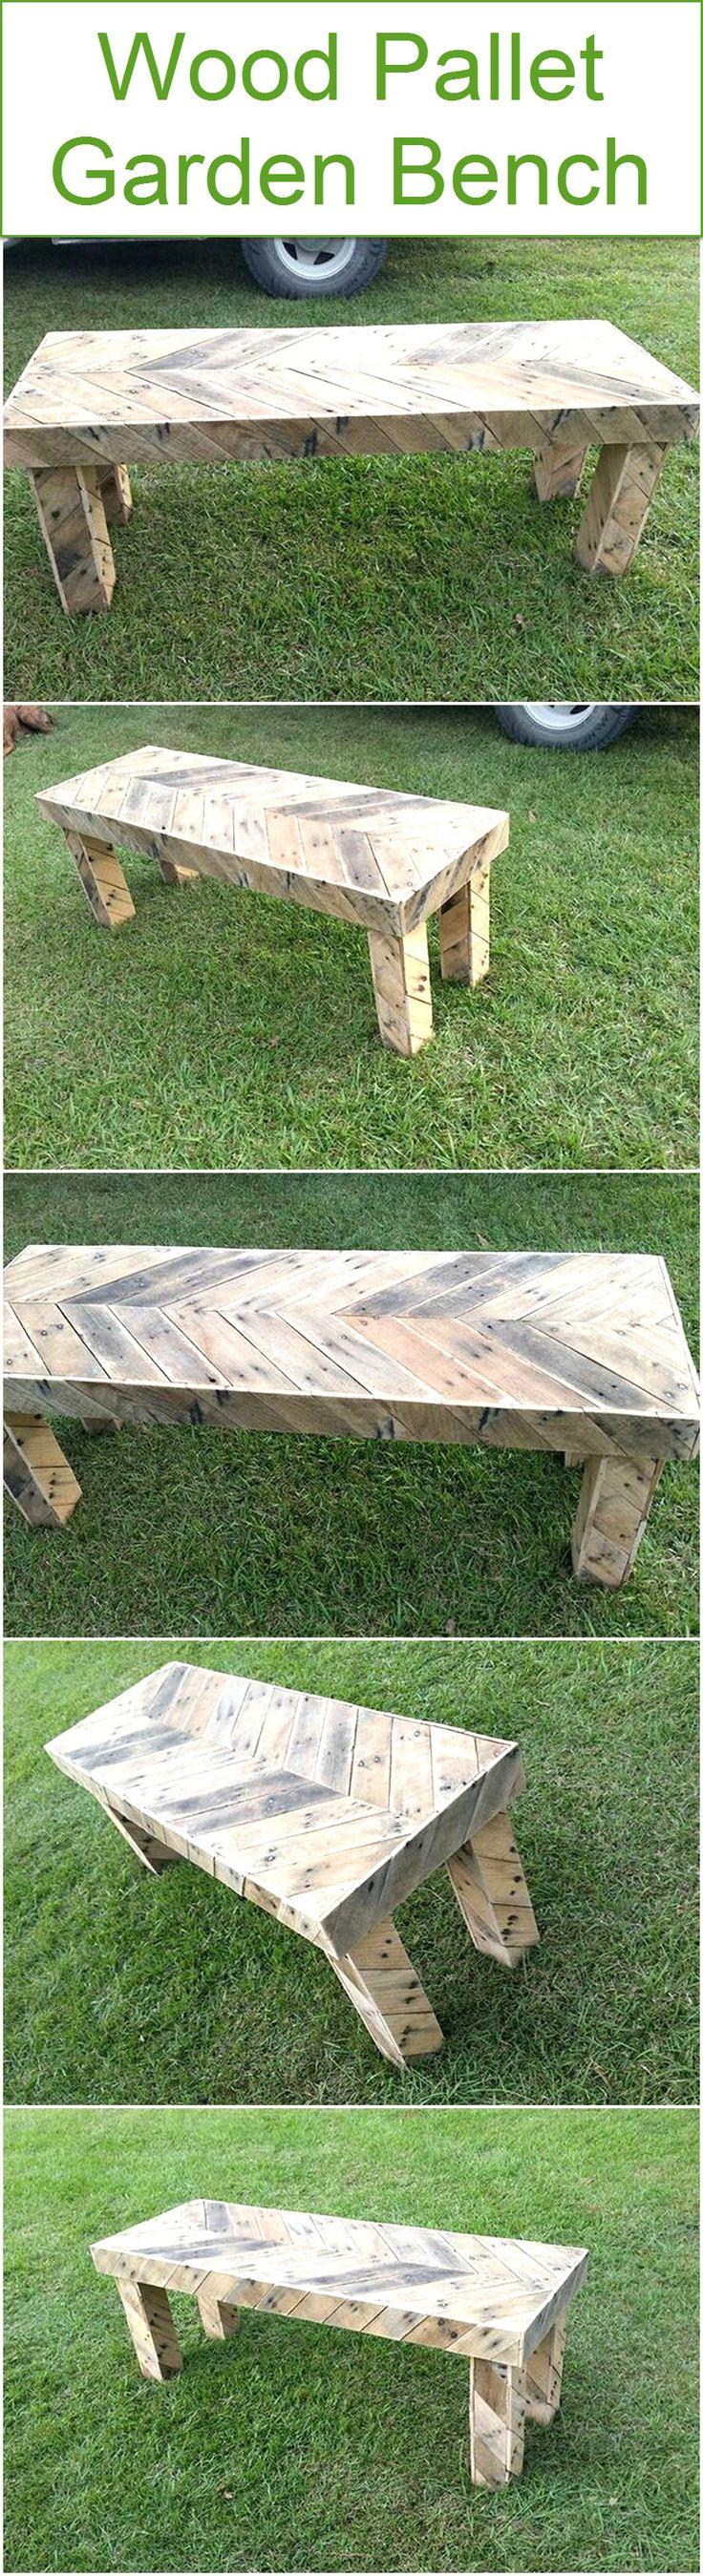 Best 20+ Pallet garden benches ideas on Pinterest | Pallet ...